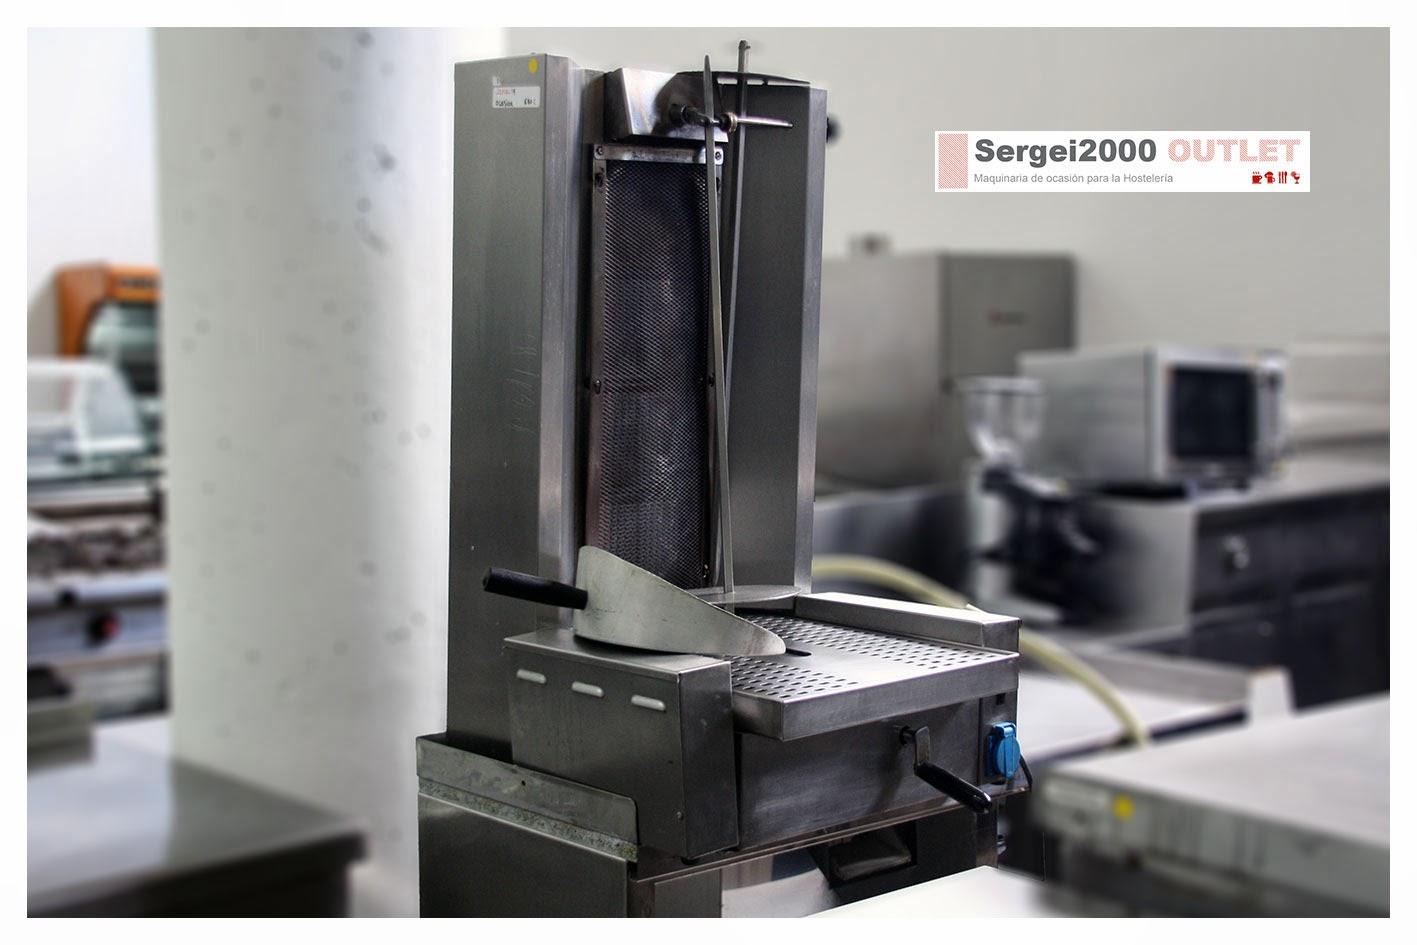 Sergei2000 outlet maquinara hostelera de ocasin y for Outlet cocinas a gas